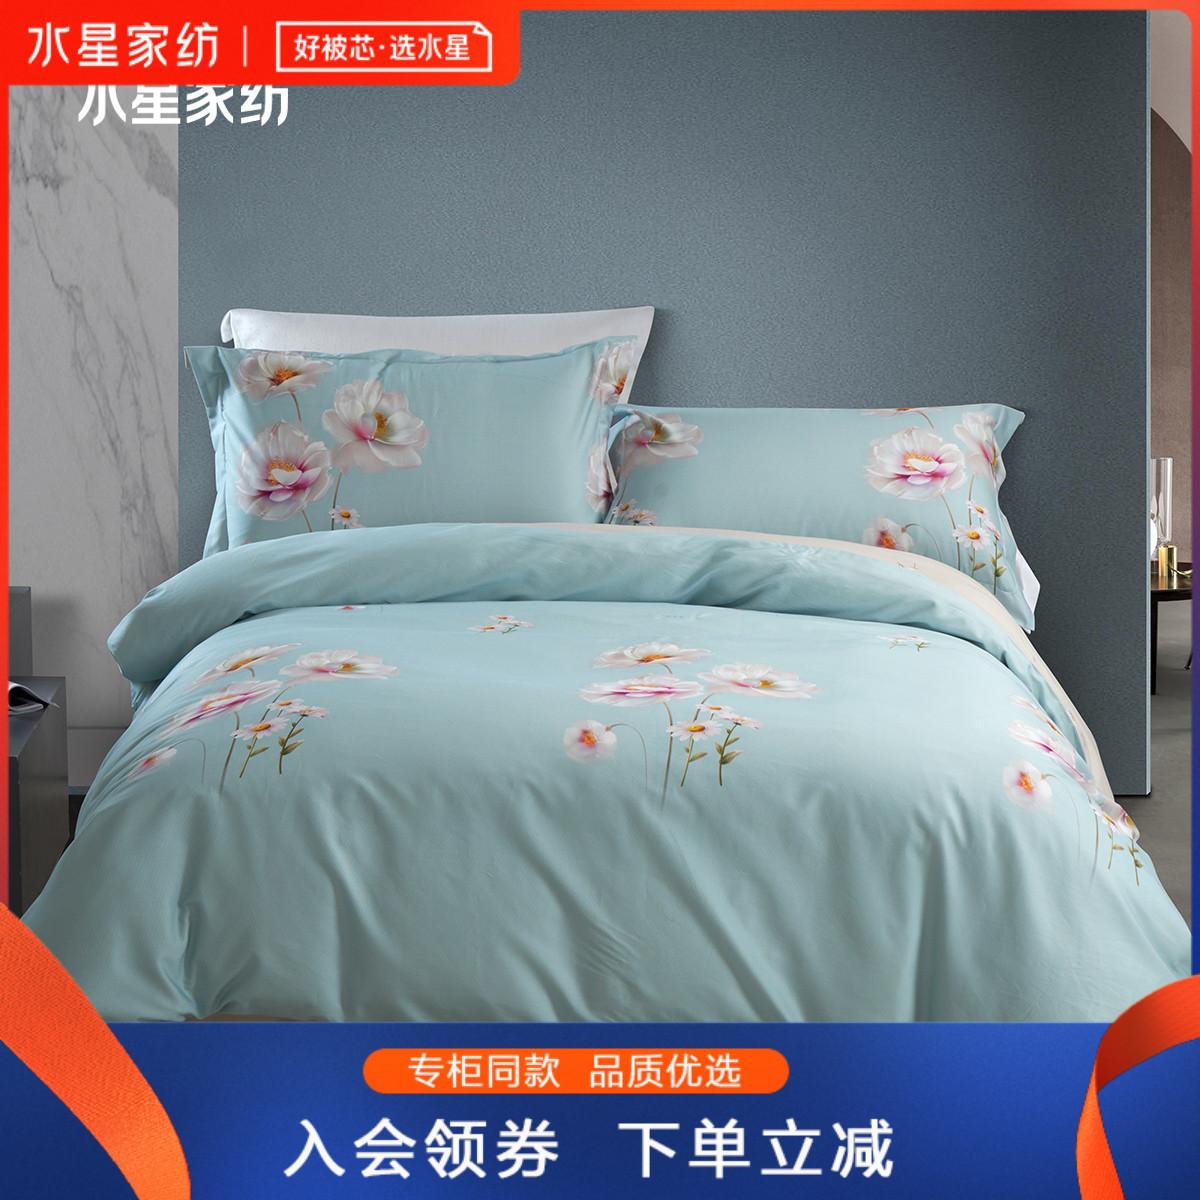 水星家纺 纯棉全棉面料多花型床上用品四件套ZB  适用被套200*230